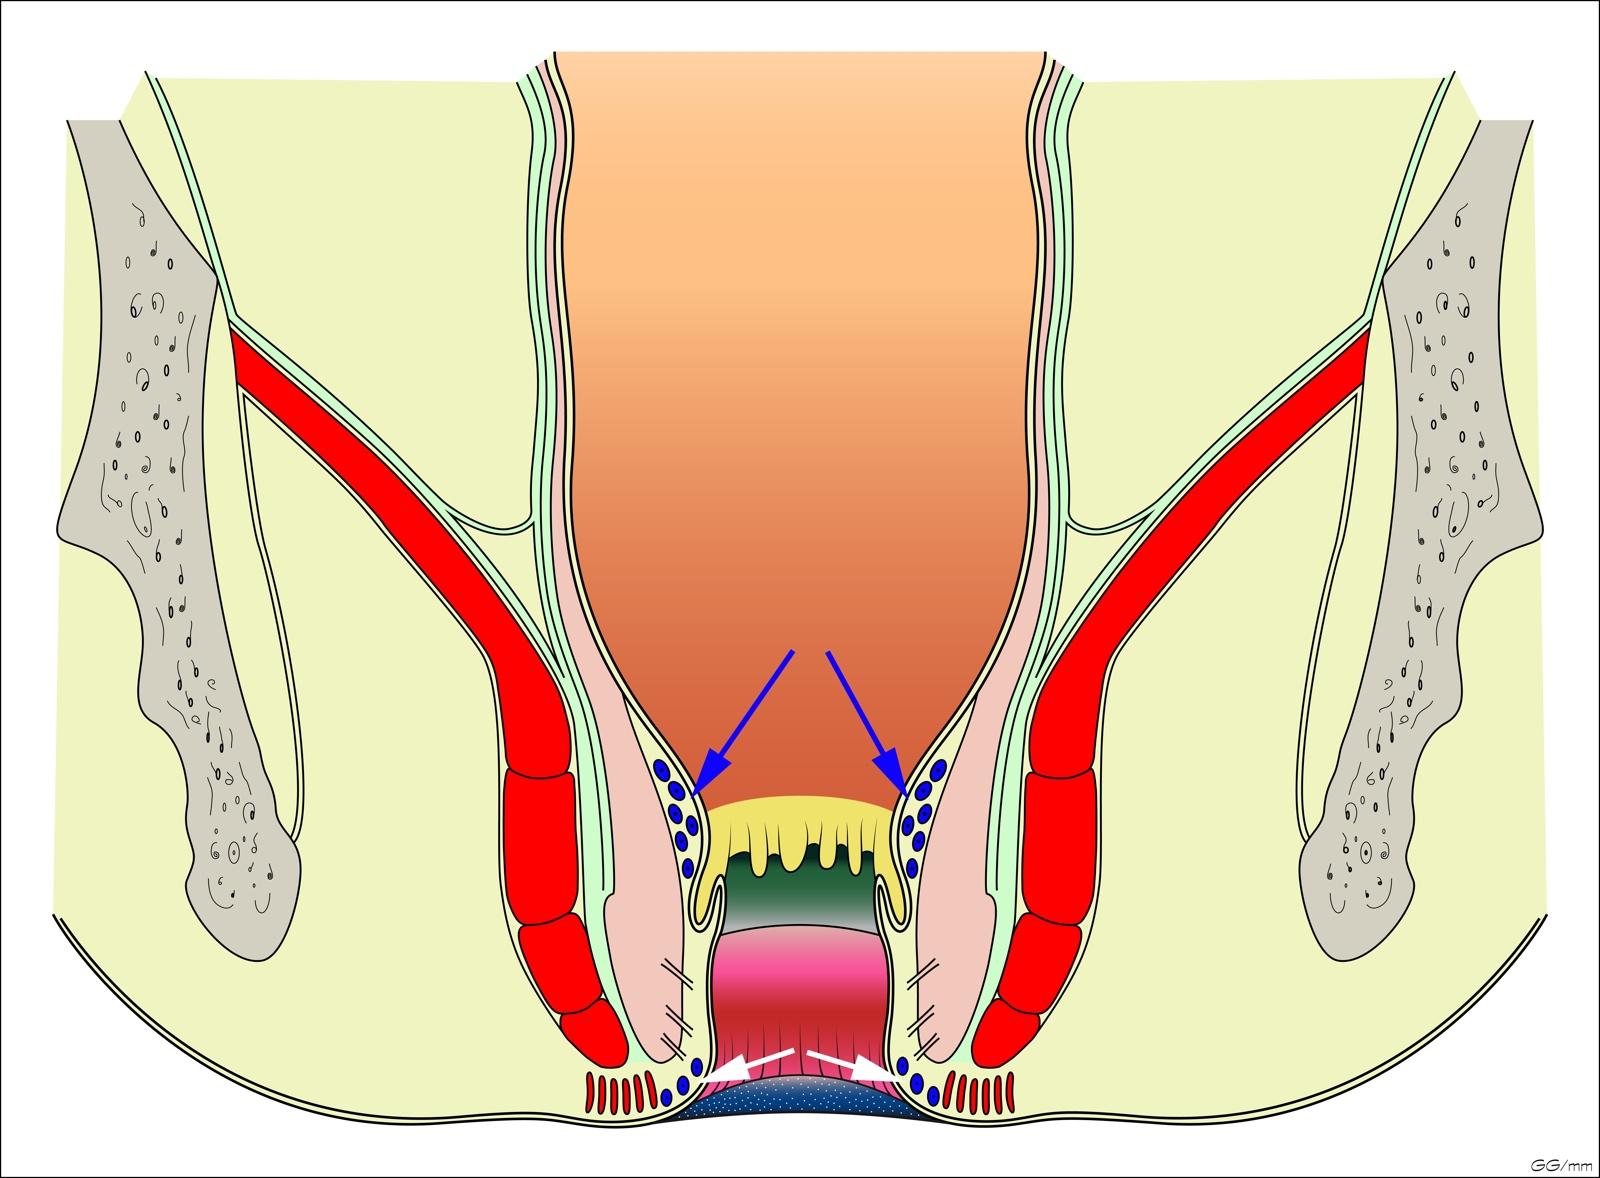 Dentate Line